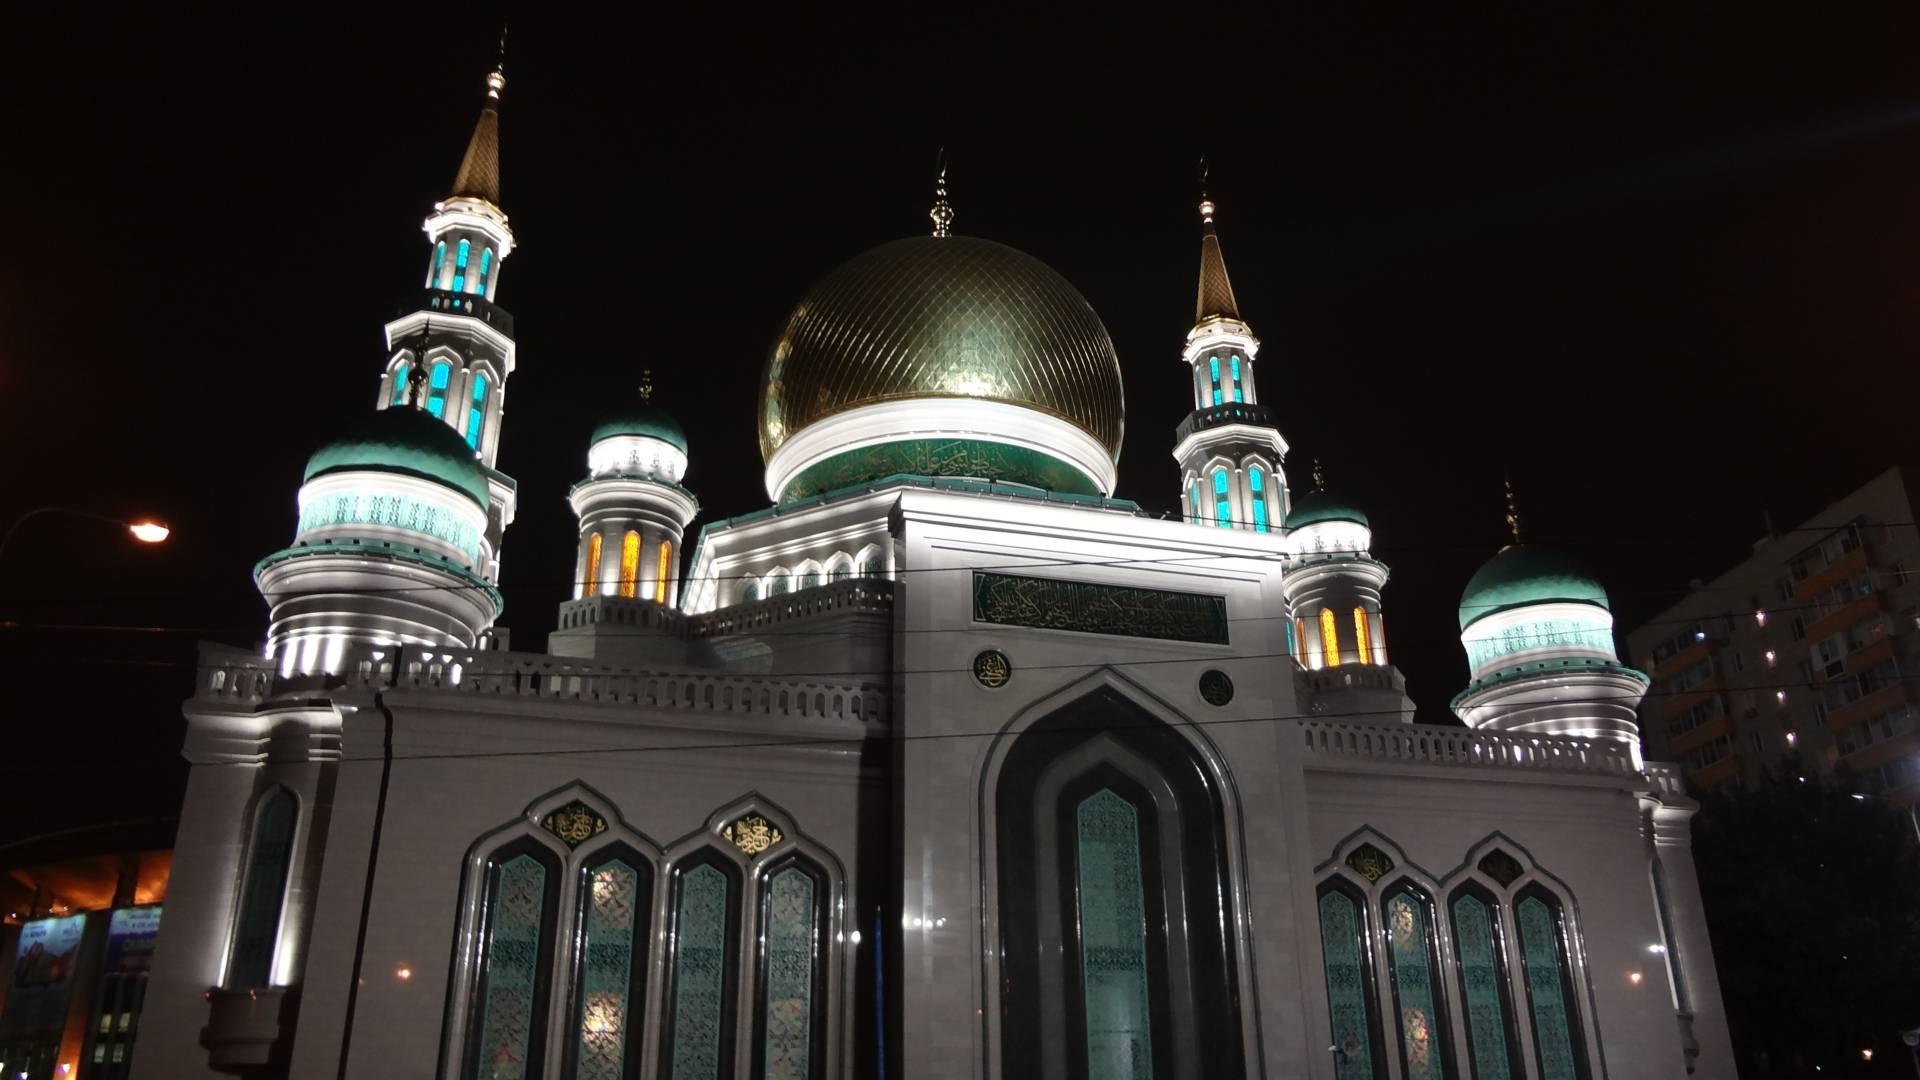 Религиозные достопримечательности бонна – храмы, соборы и мечети